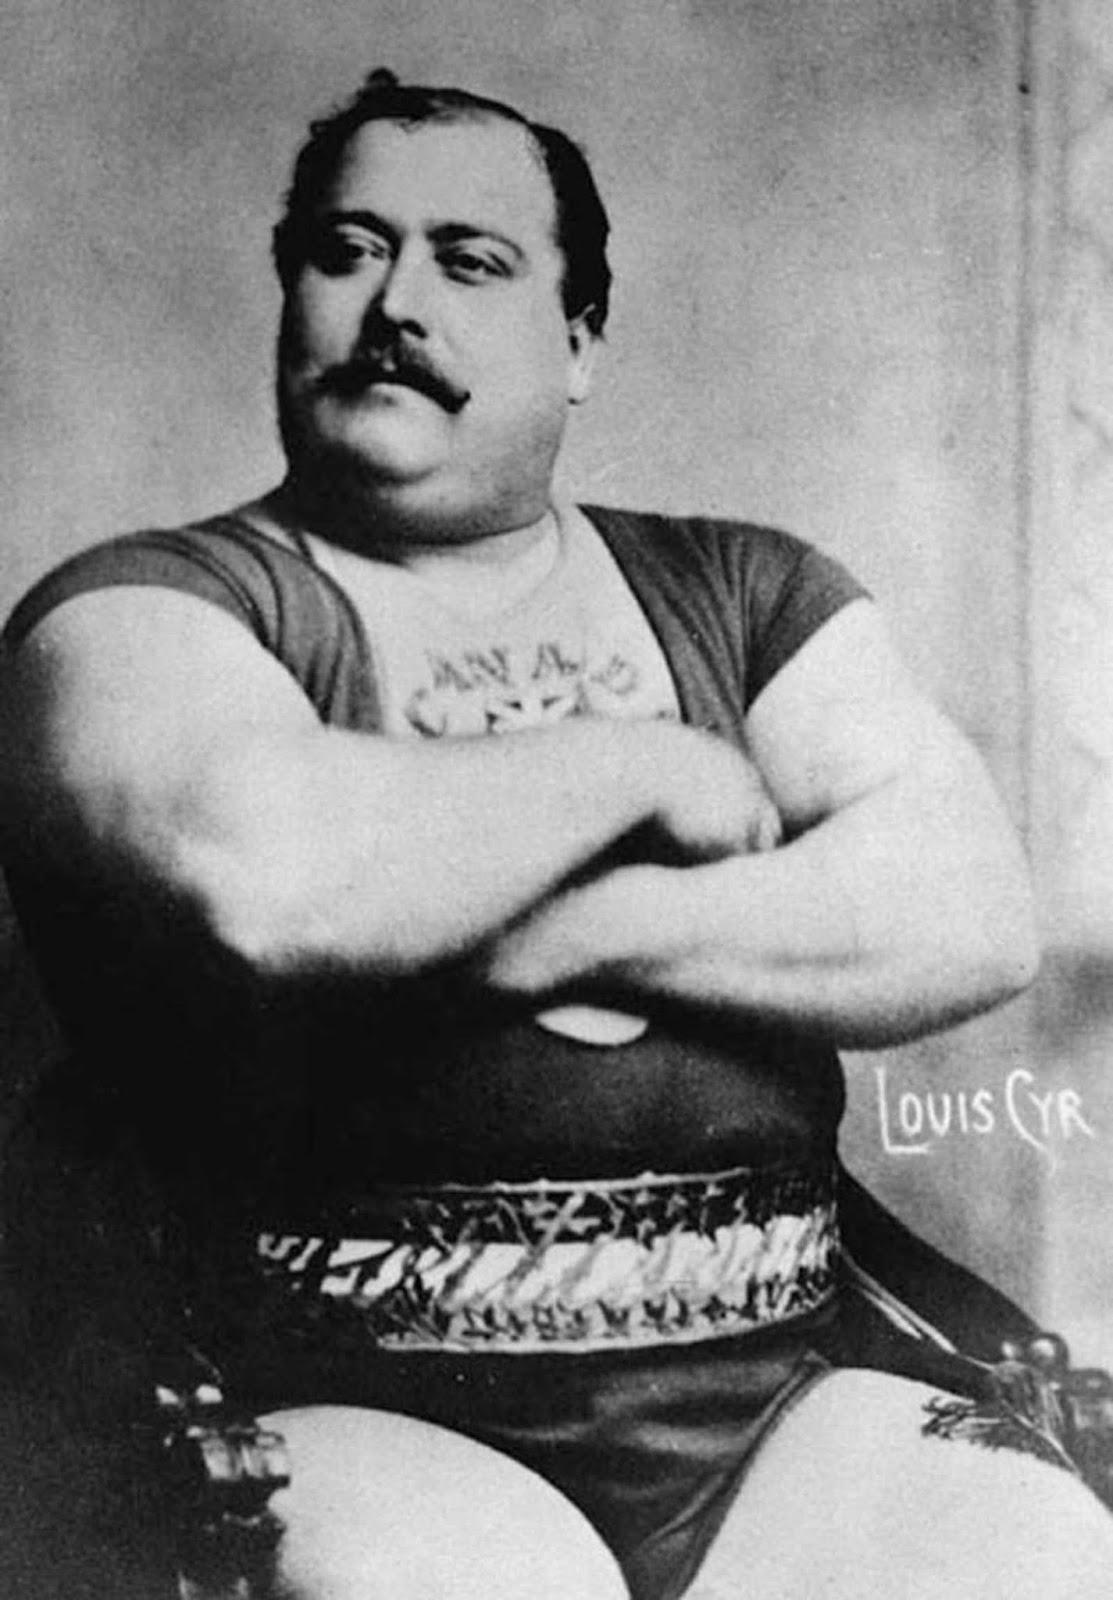 Louis Cyr, alrededor de 1900. Sus hazañas registradas incluyen: levantar 500 libras (227 kg) con un dedo y hacer un retroceso de 4,337 libras (1,967 kg).